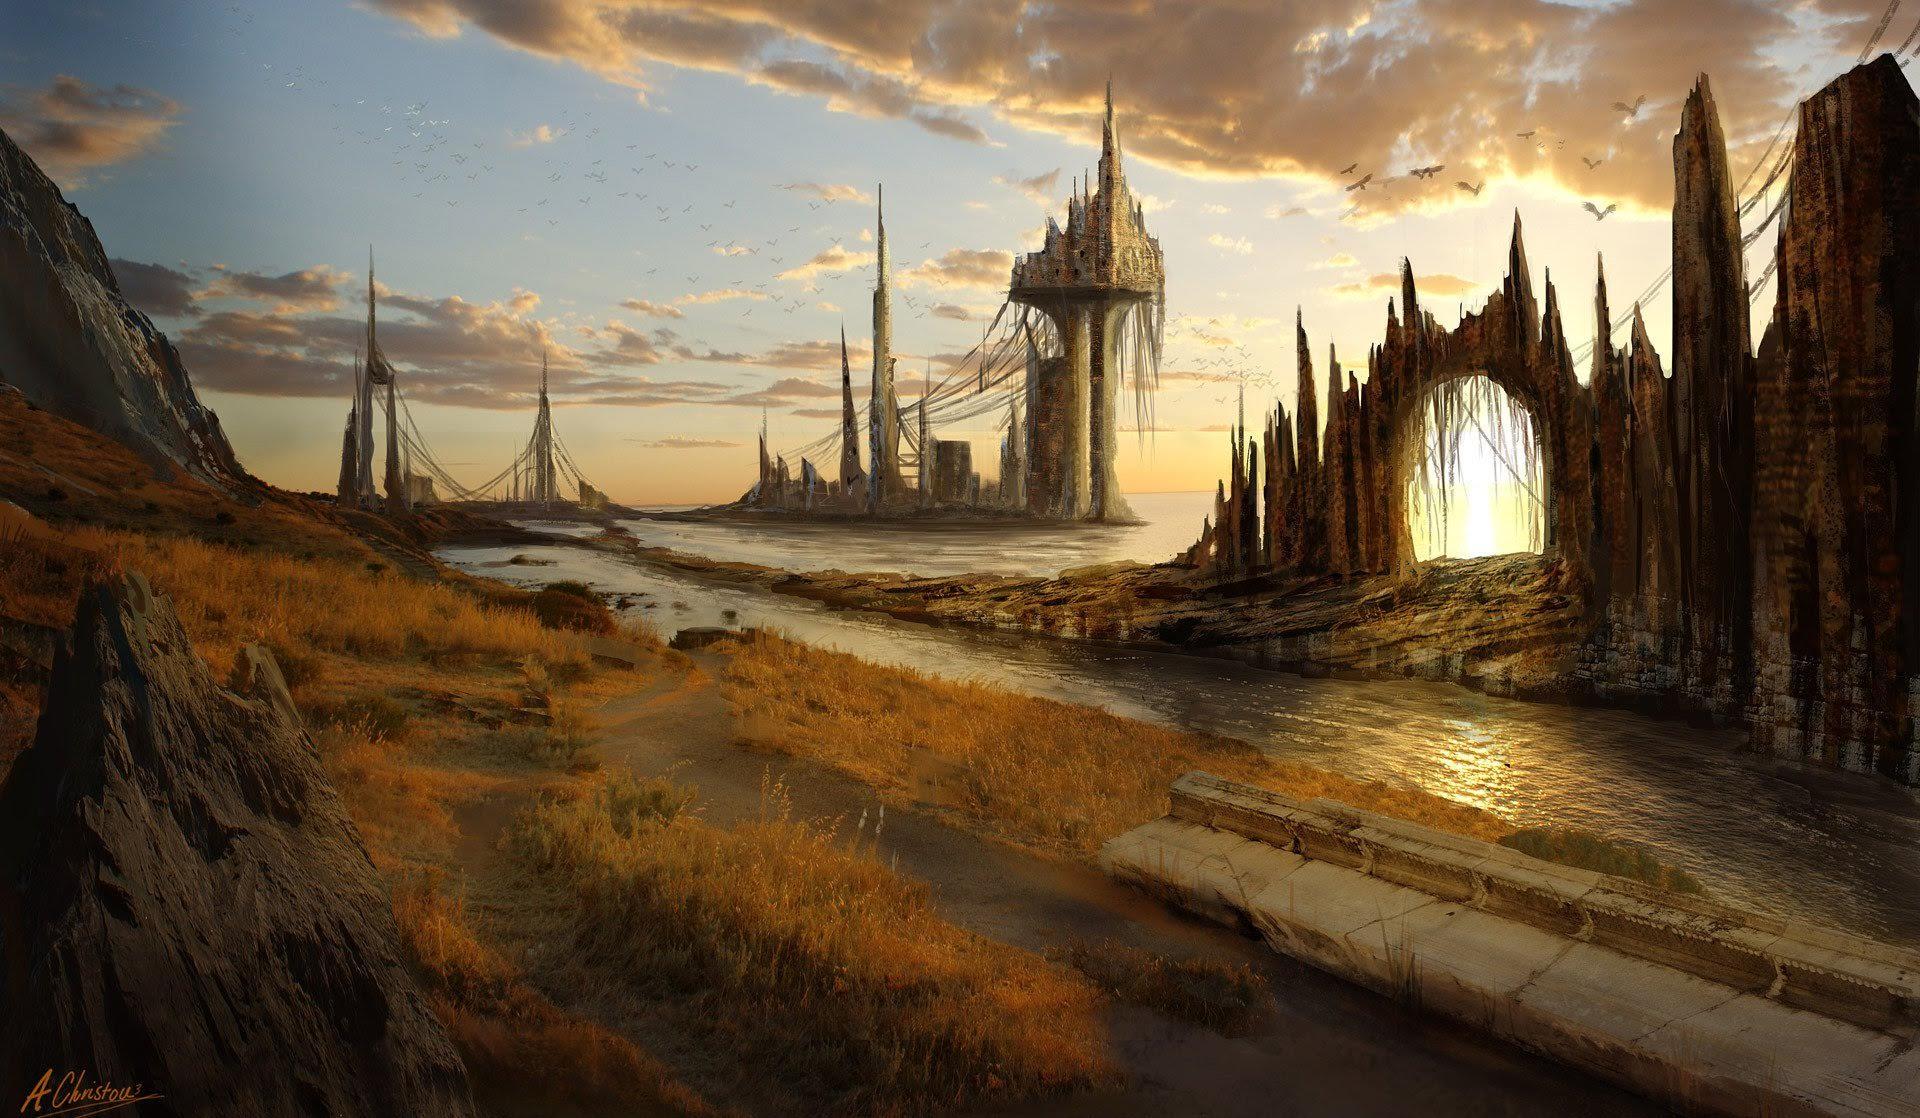 'Atlantian City' by Anthony Christou